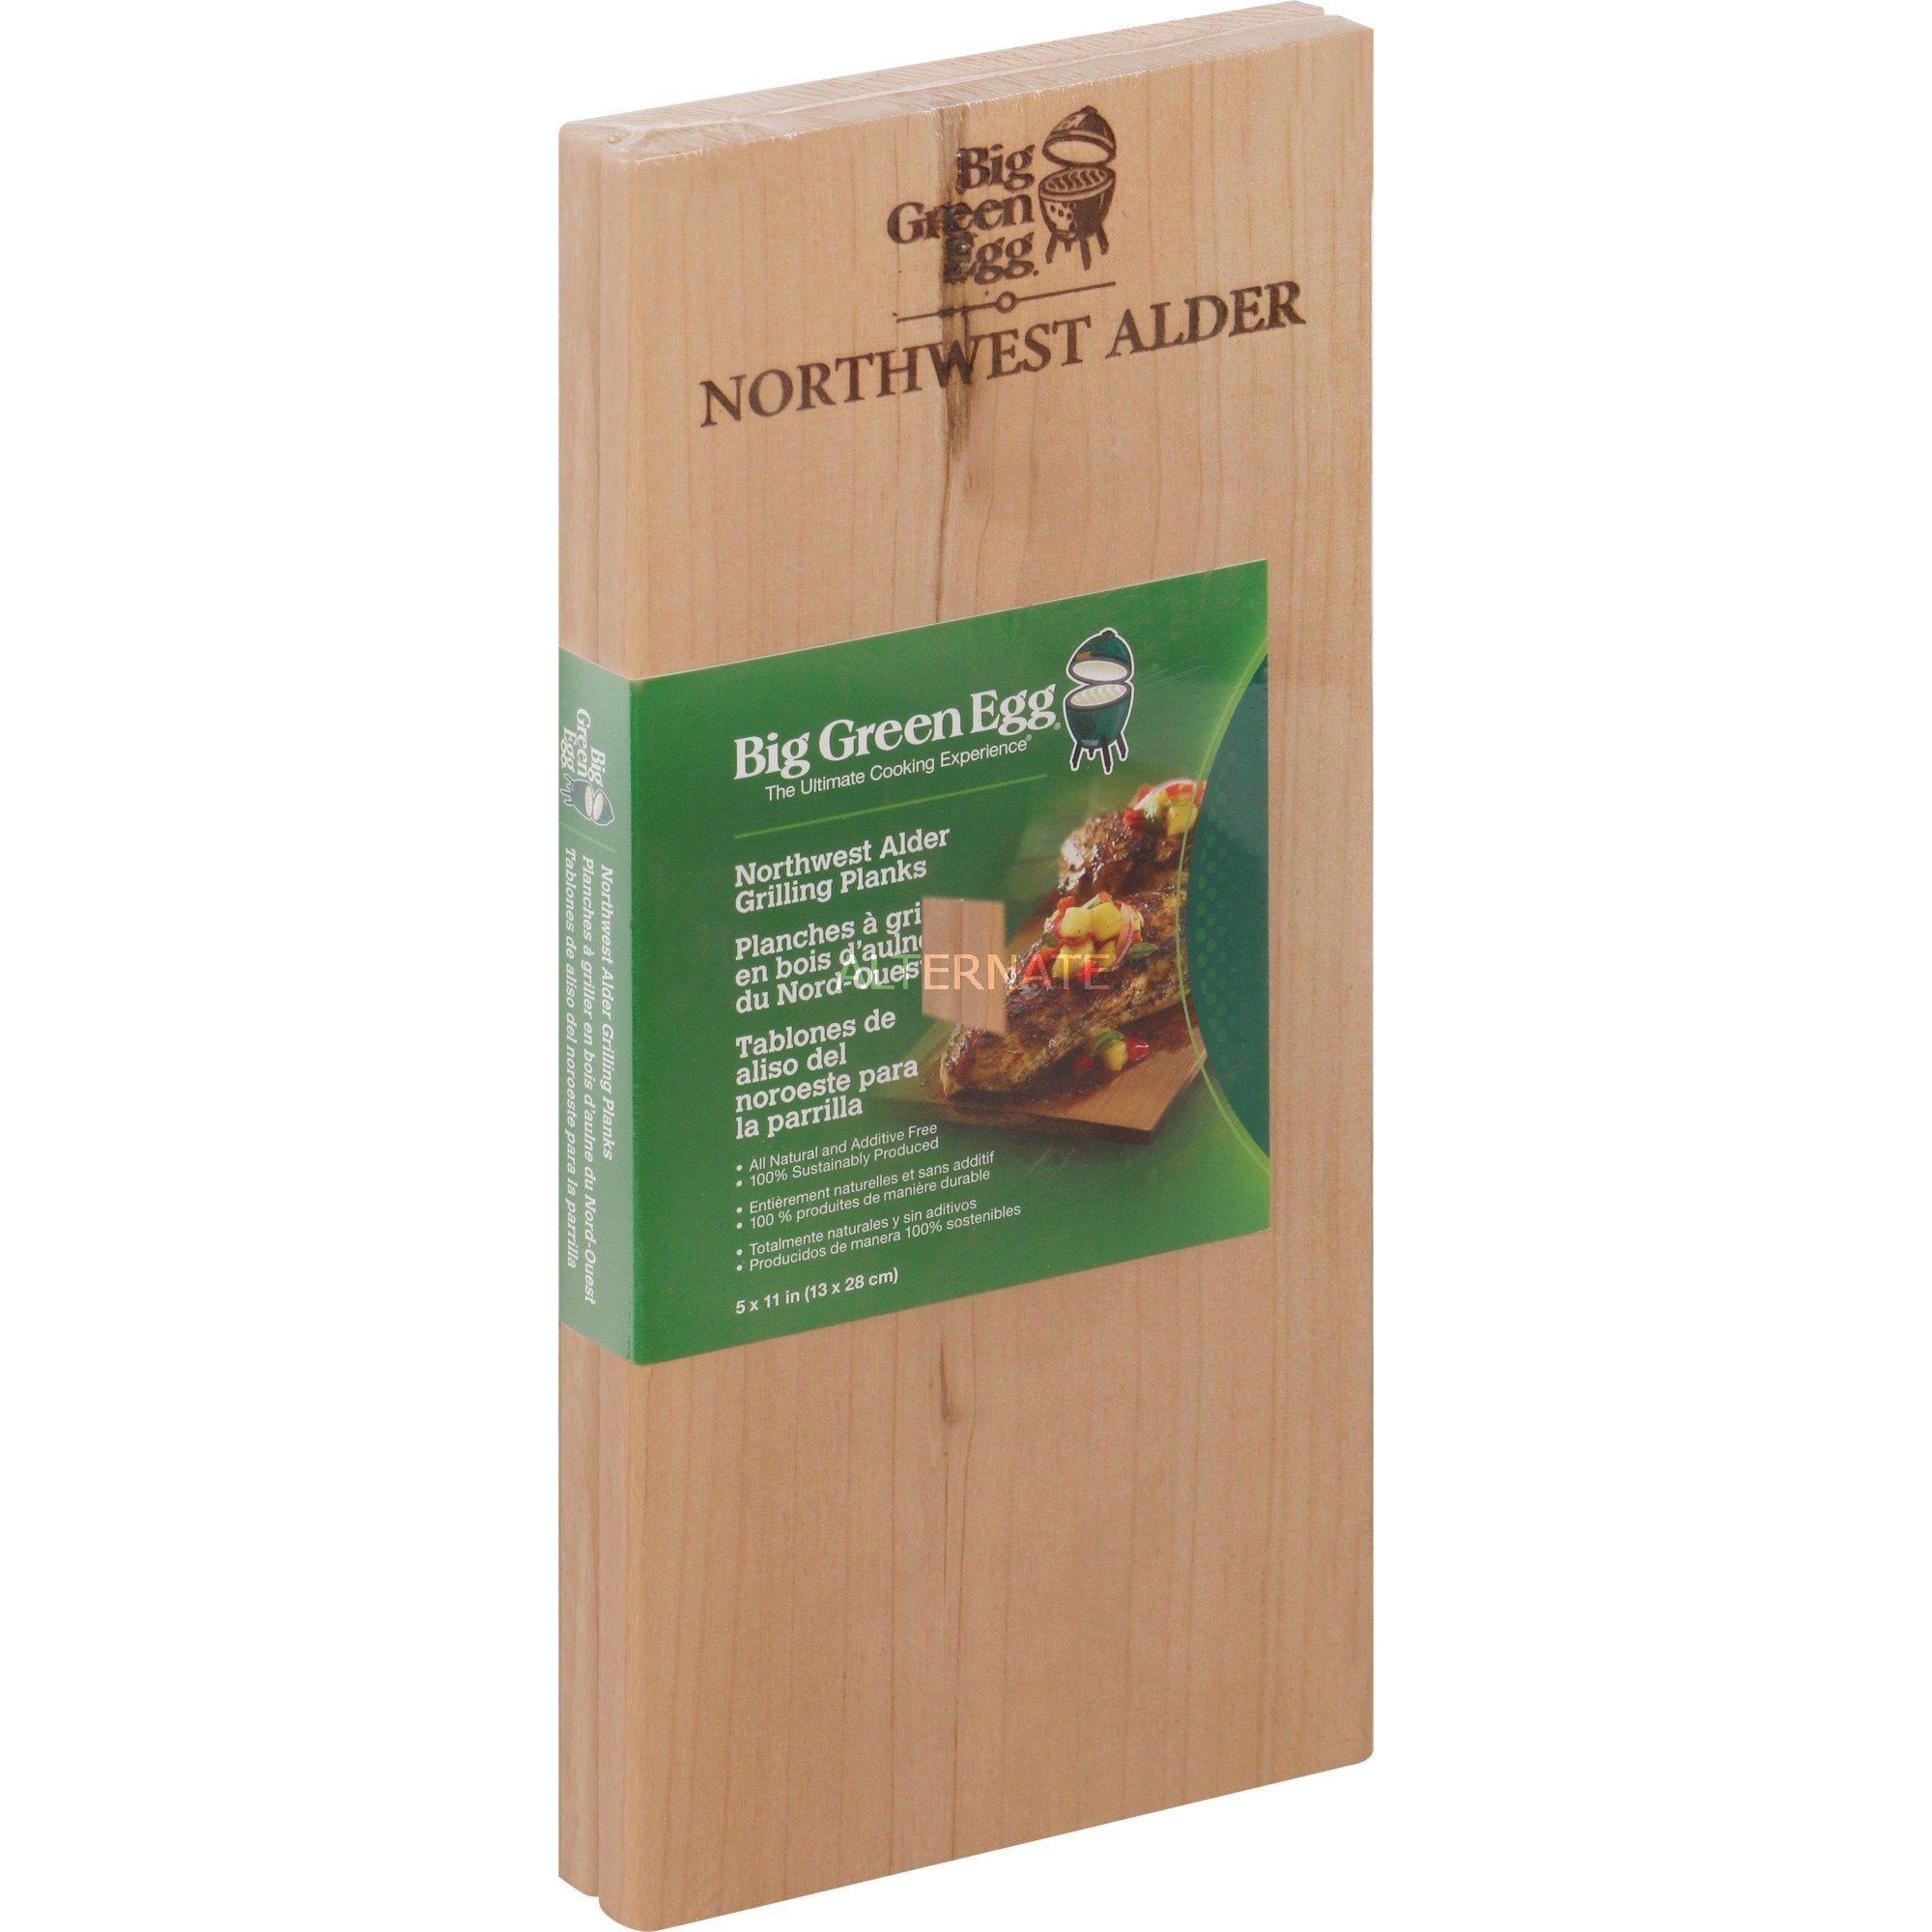 Image of Grillplanken aus Erlenholz, Aroma-Holz